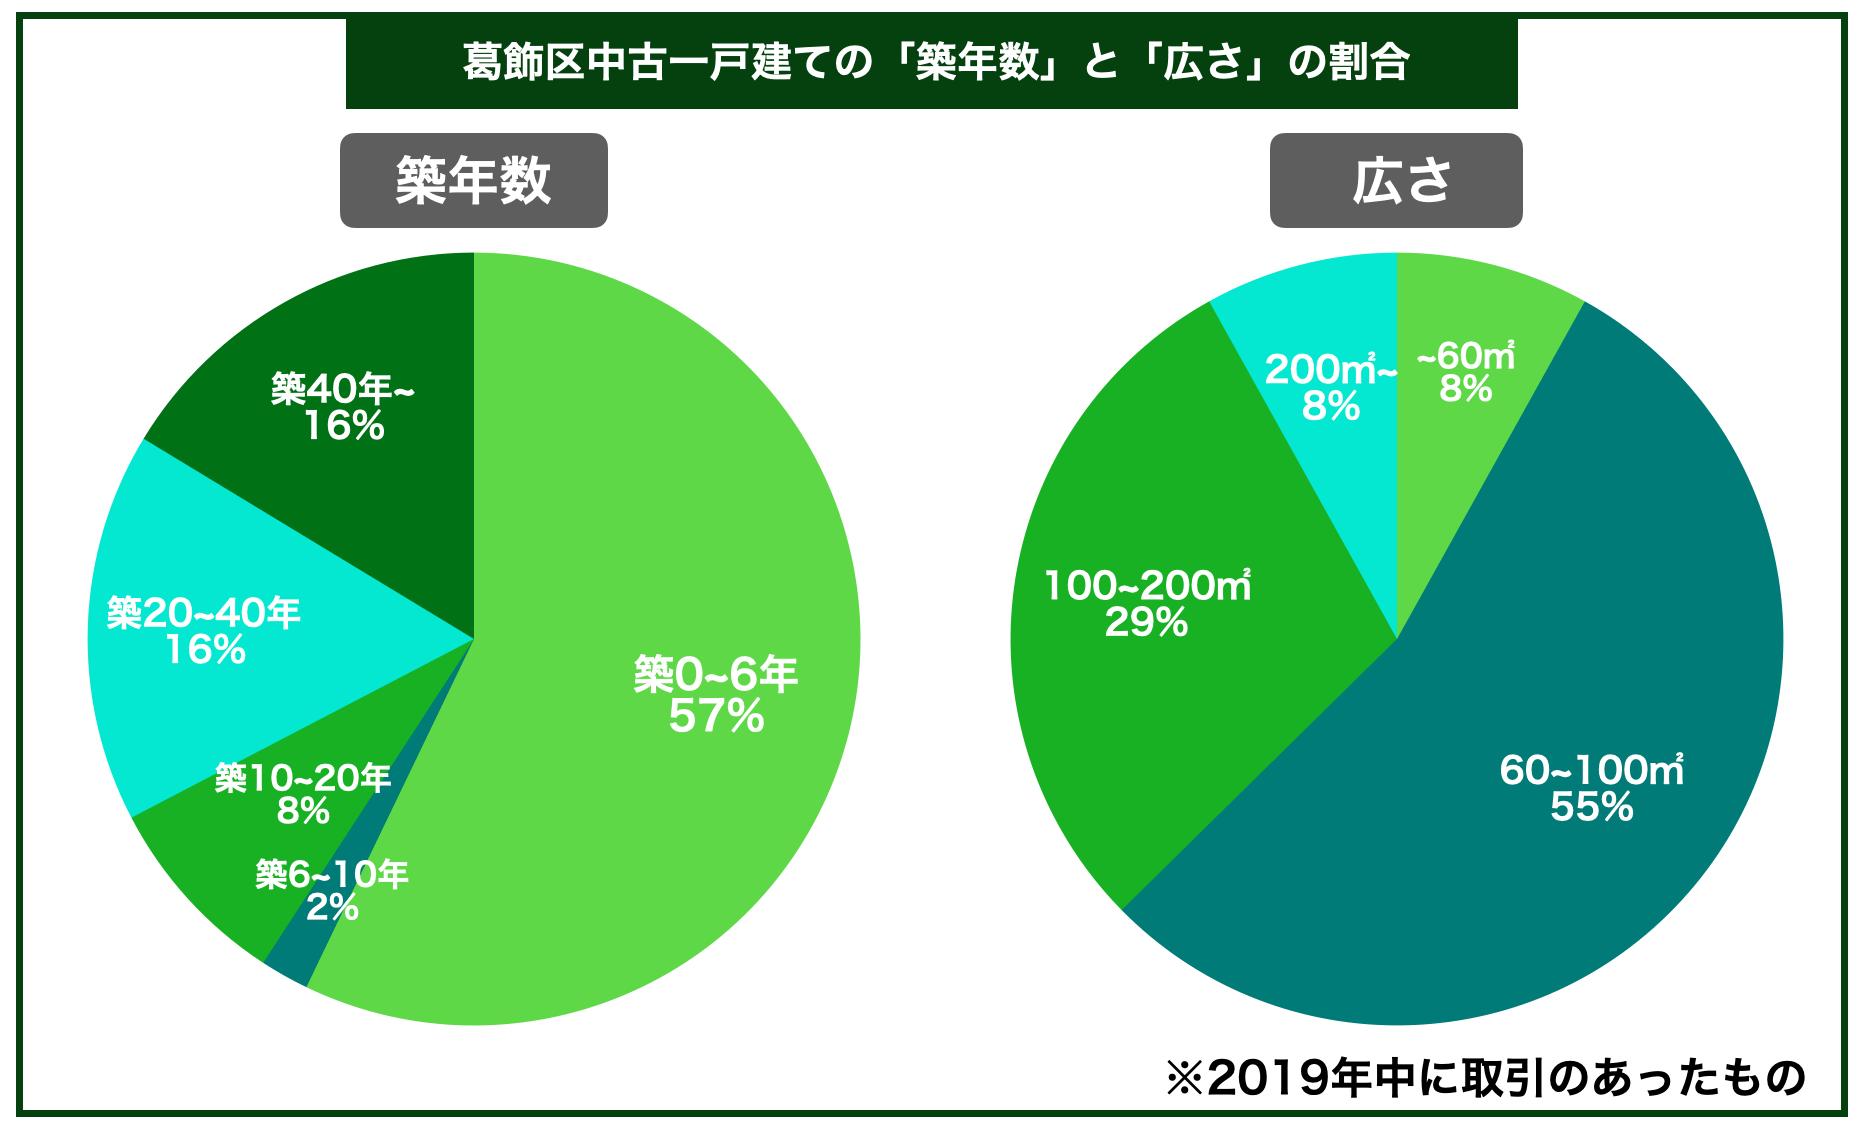 葛飾区中古一戸建ての平均築年数と広さの割合